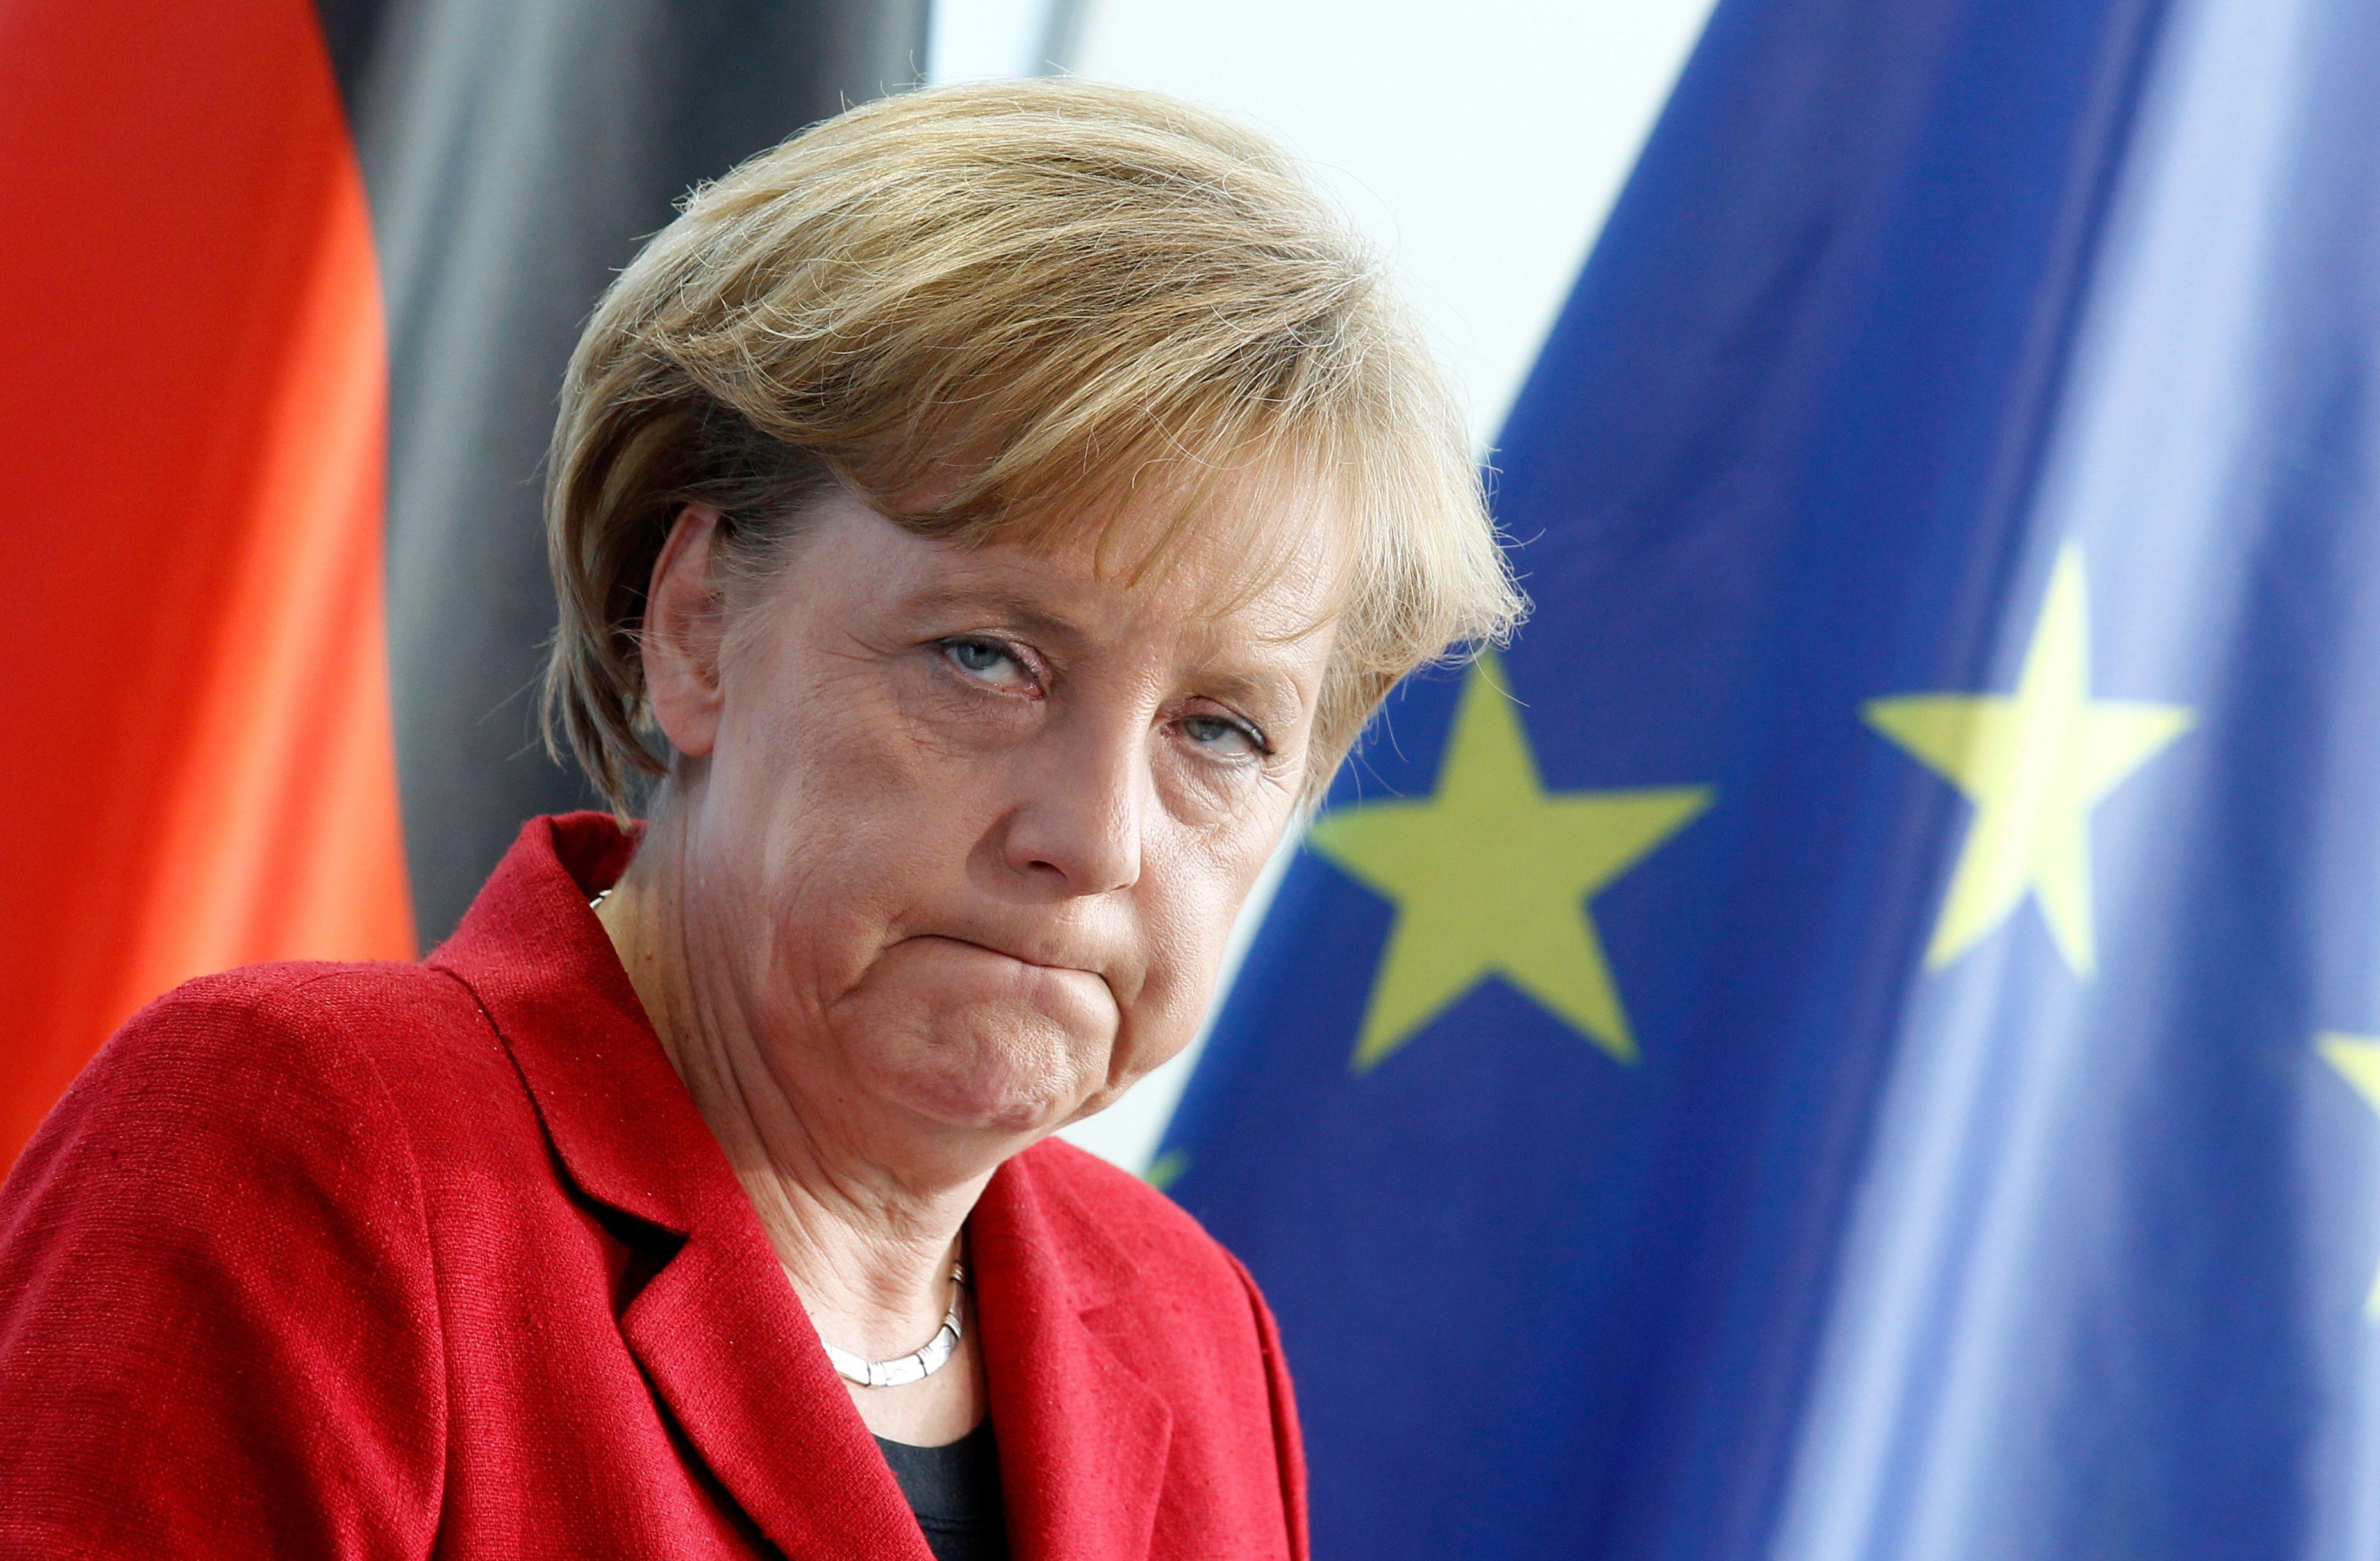 Allemagne : la popularité de l'alliance CDU-CSU de Merkel au plus bas depuis 2002